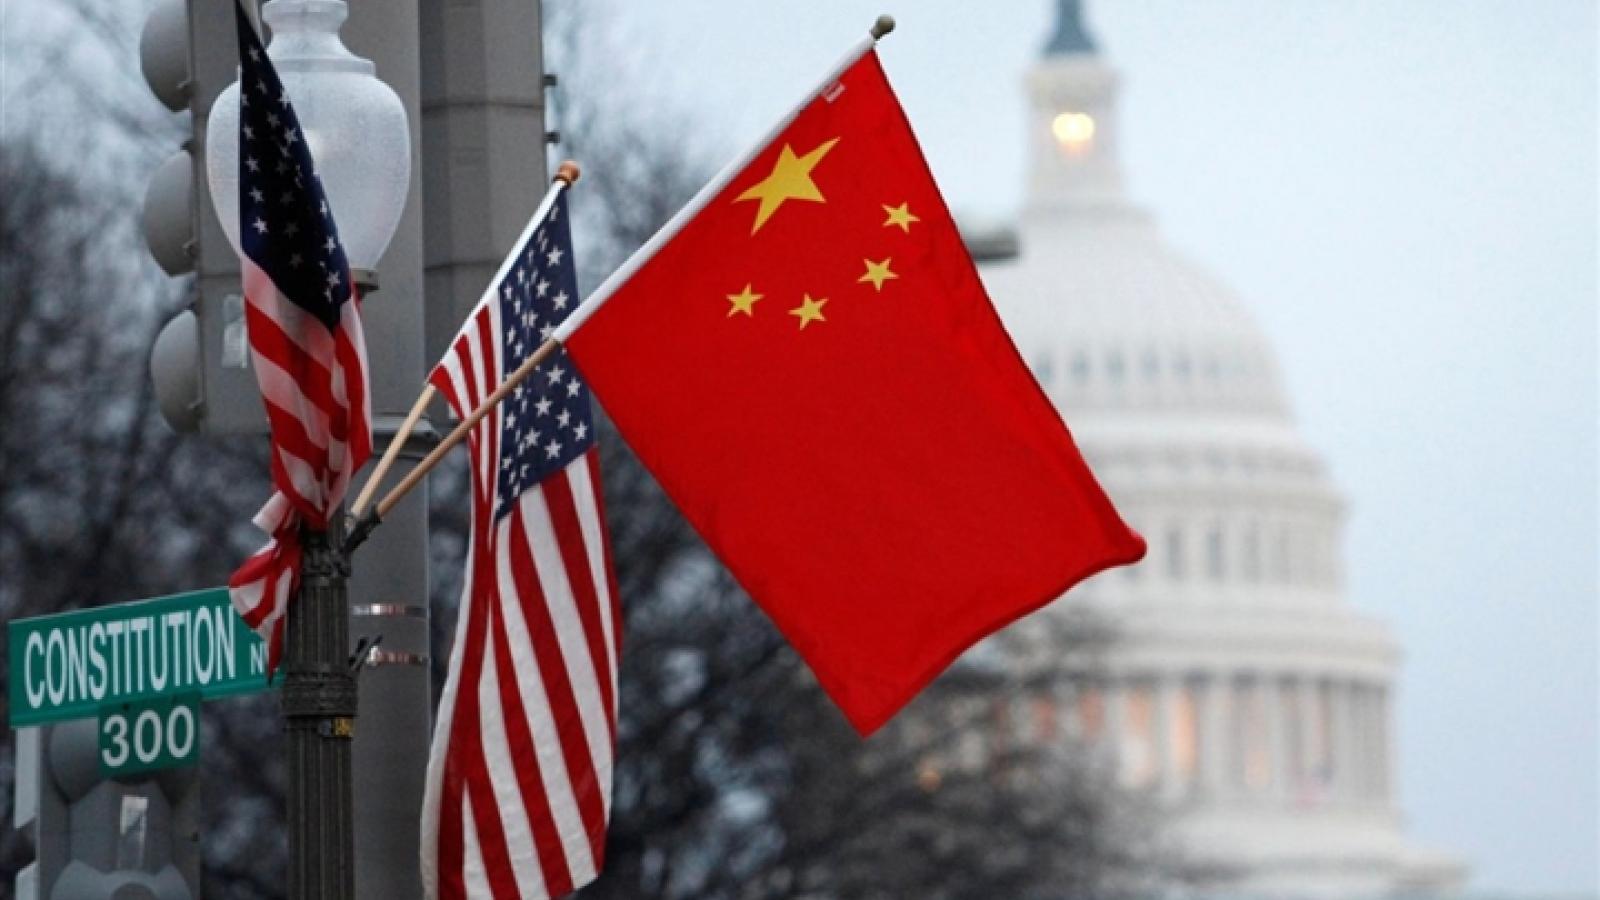 Mỹ xem xét áp đặt trừng phạt nhiều quan chức Trung Quốc liên quan vấn đề Hong Kong